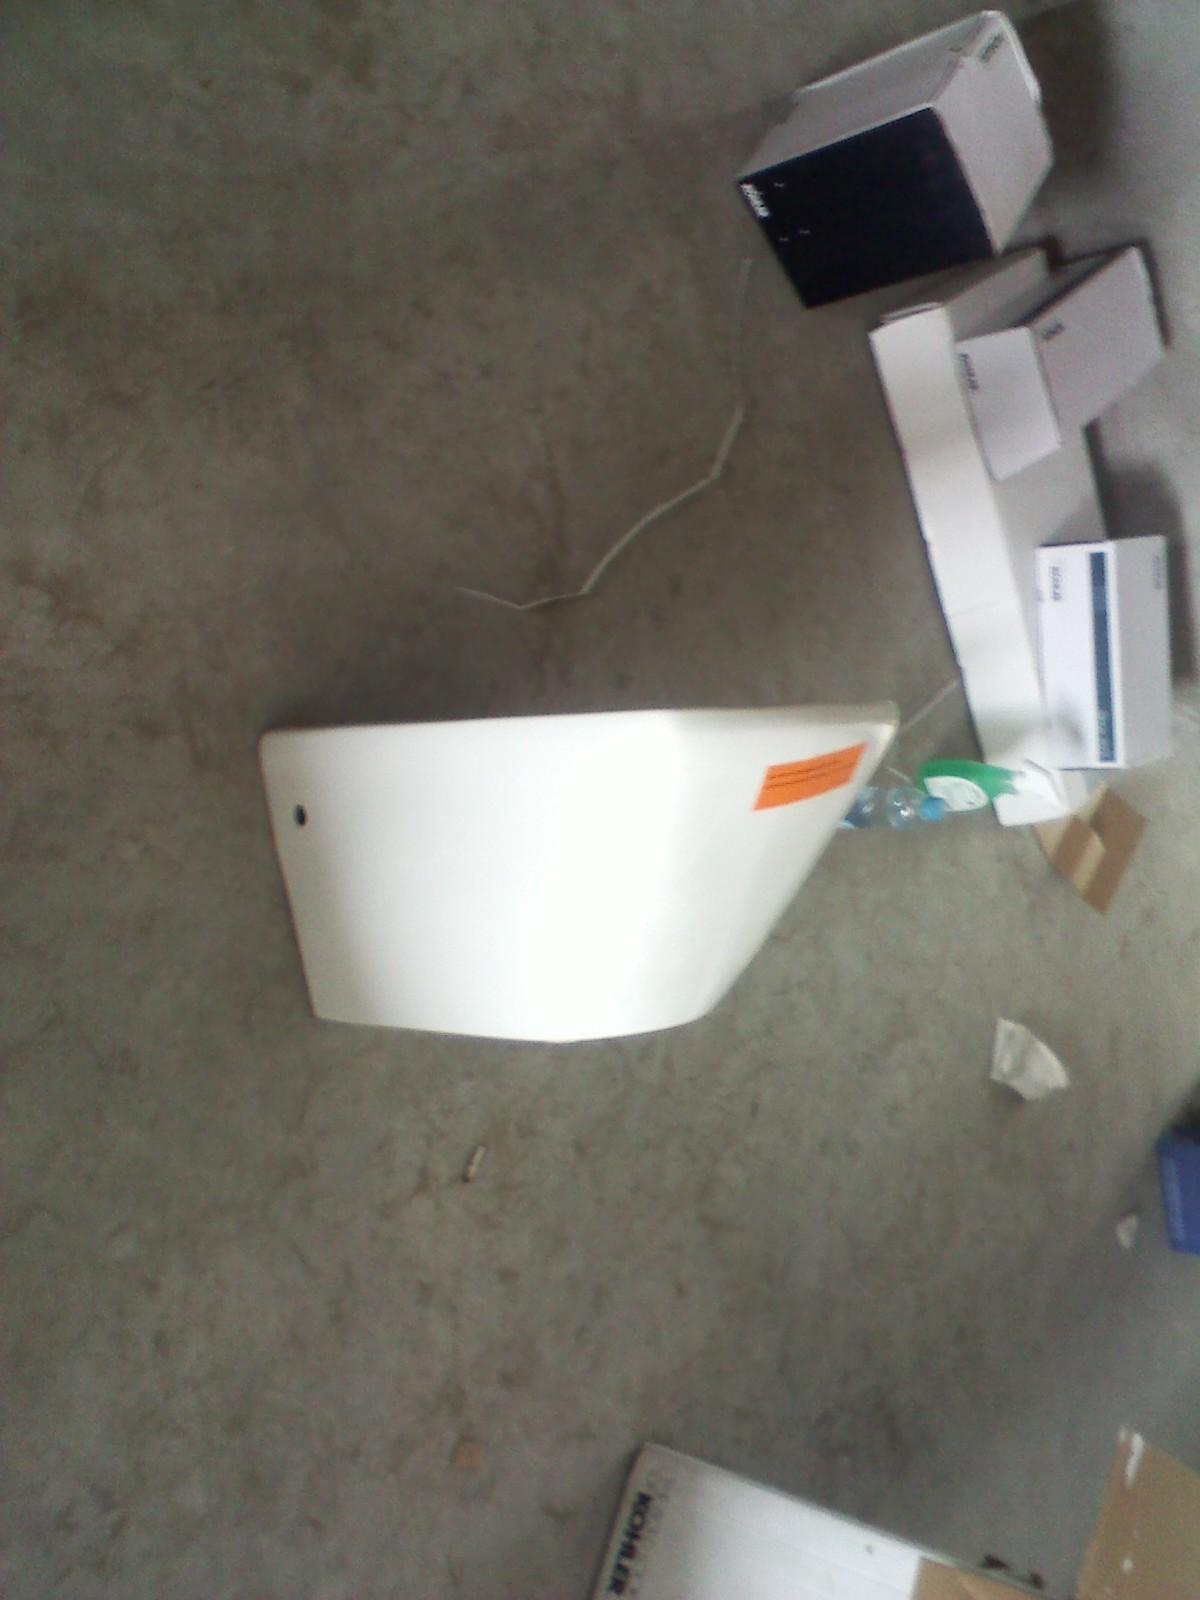 130平 水电结束开始泥瓦, update 墙排马桶安装 瓷砖铺贴中 高清图片